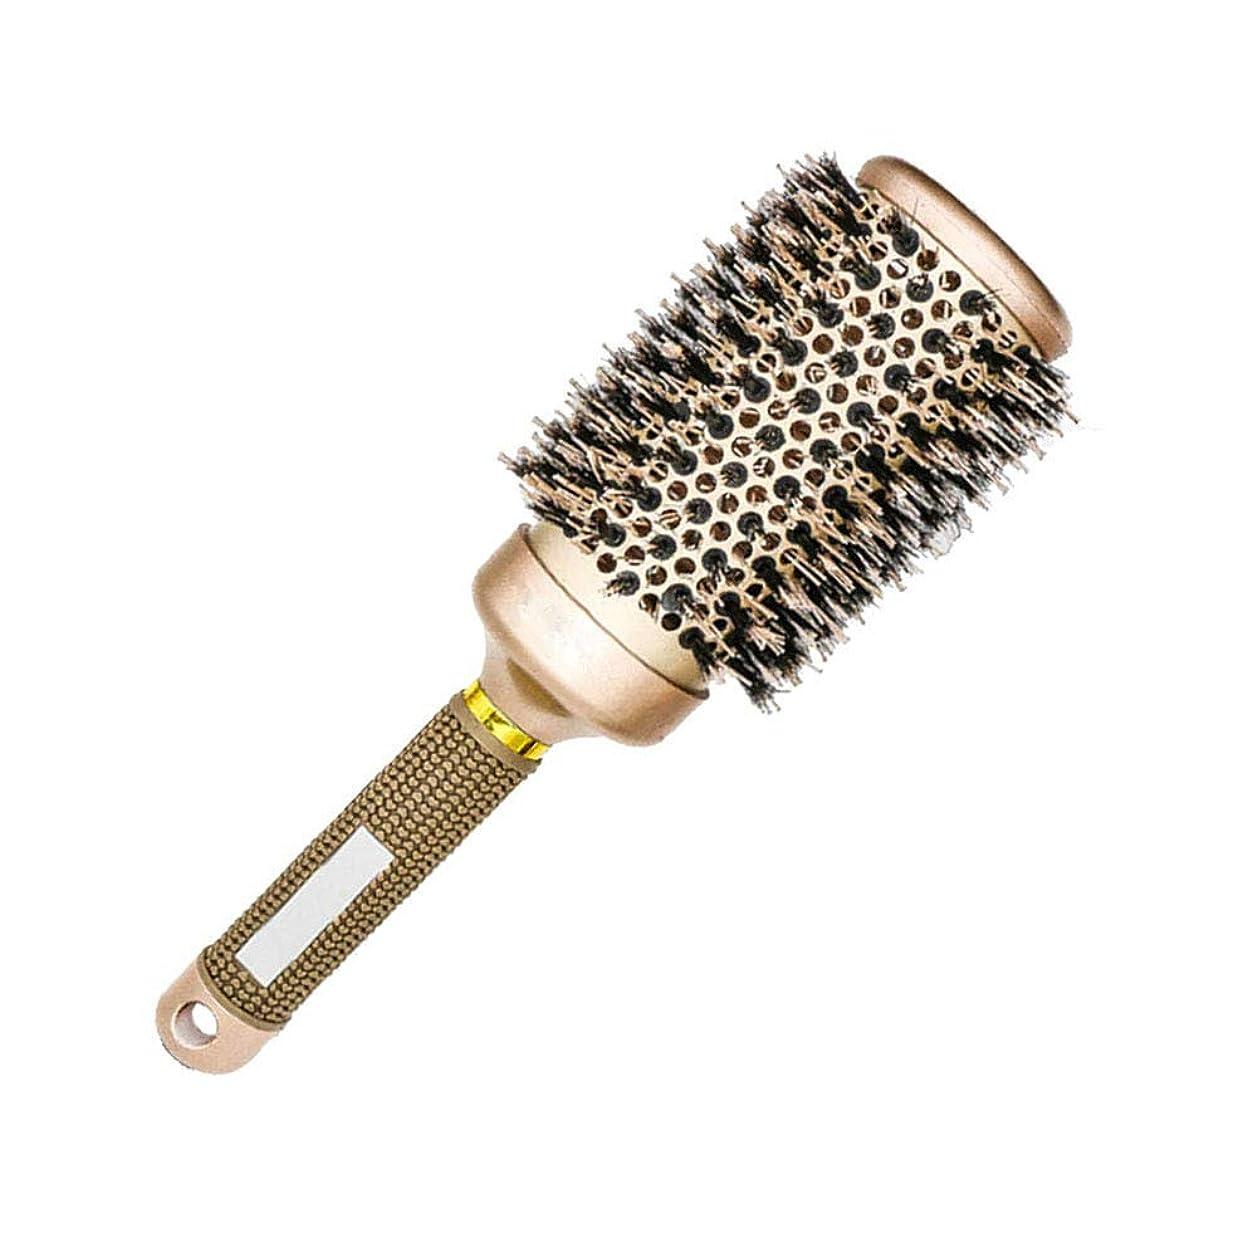 甘いサイレントむちゃくちゃヘアブラシ ロールブラシ ブロー用 ナイロン アルミチューブ セラミック 豚毛 静電気防止 頭皮マッサージ 巻き髪 金(53mm)